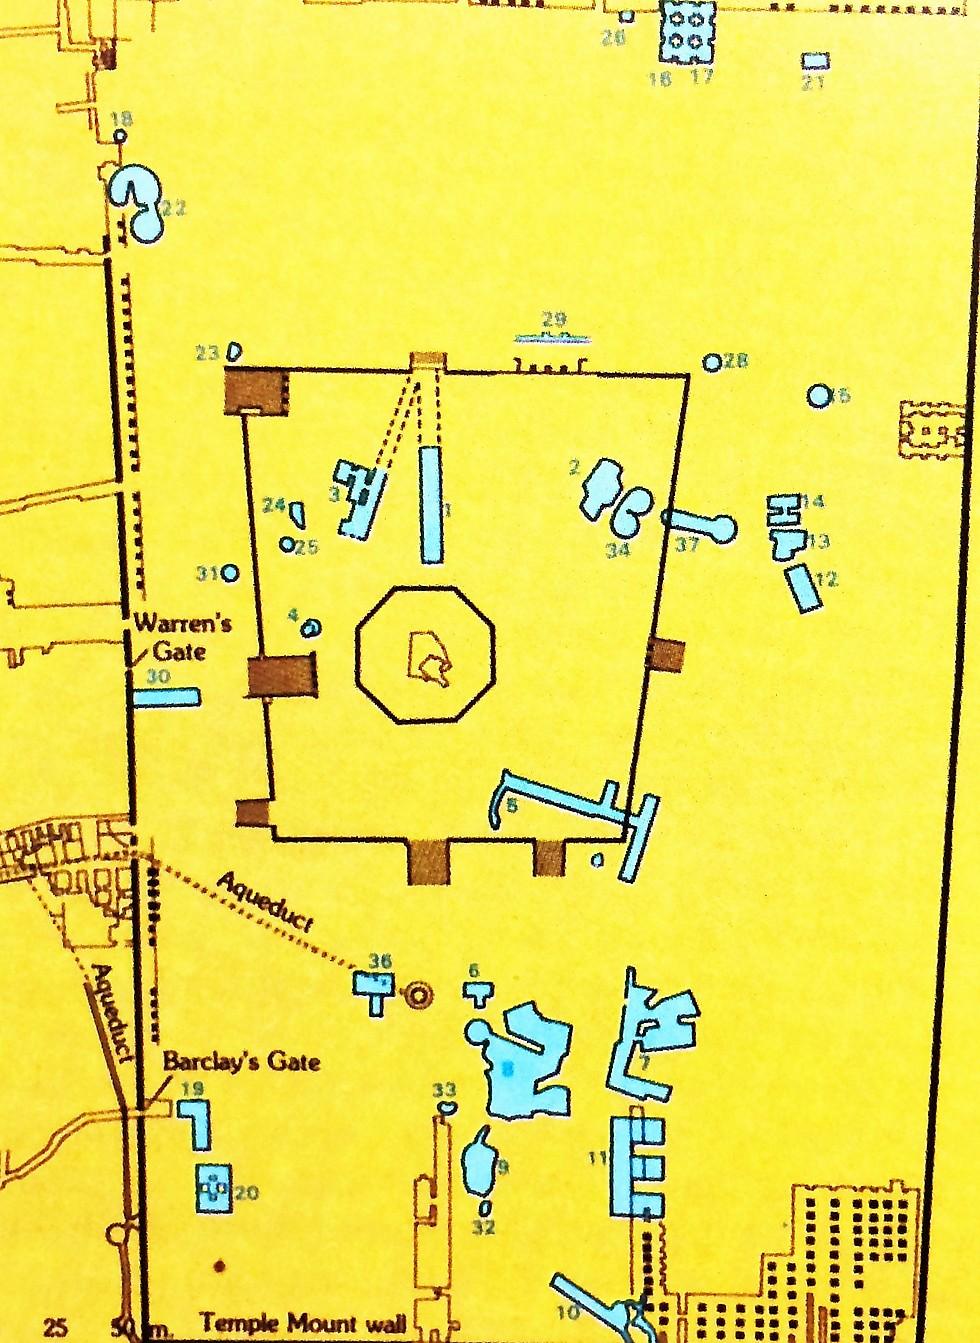 """""""יש ממצאים ארכיאולוגיים של ממש על הרב הבית, הכוללים בורות מים חשובים - המרובעים ככל הנראה מתקופתו של הורדוס, והעגולים שייכים למקדש הקדום"""" (צילום: מתוך אטלס כרטא לתולדות ירושלים) (צילום: מתוך אטלס כרטא לתולדות ירושלים)"""